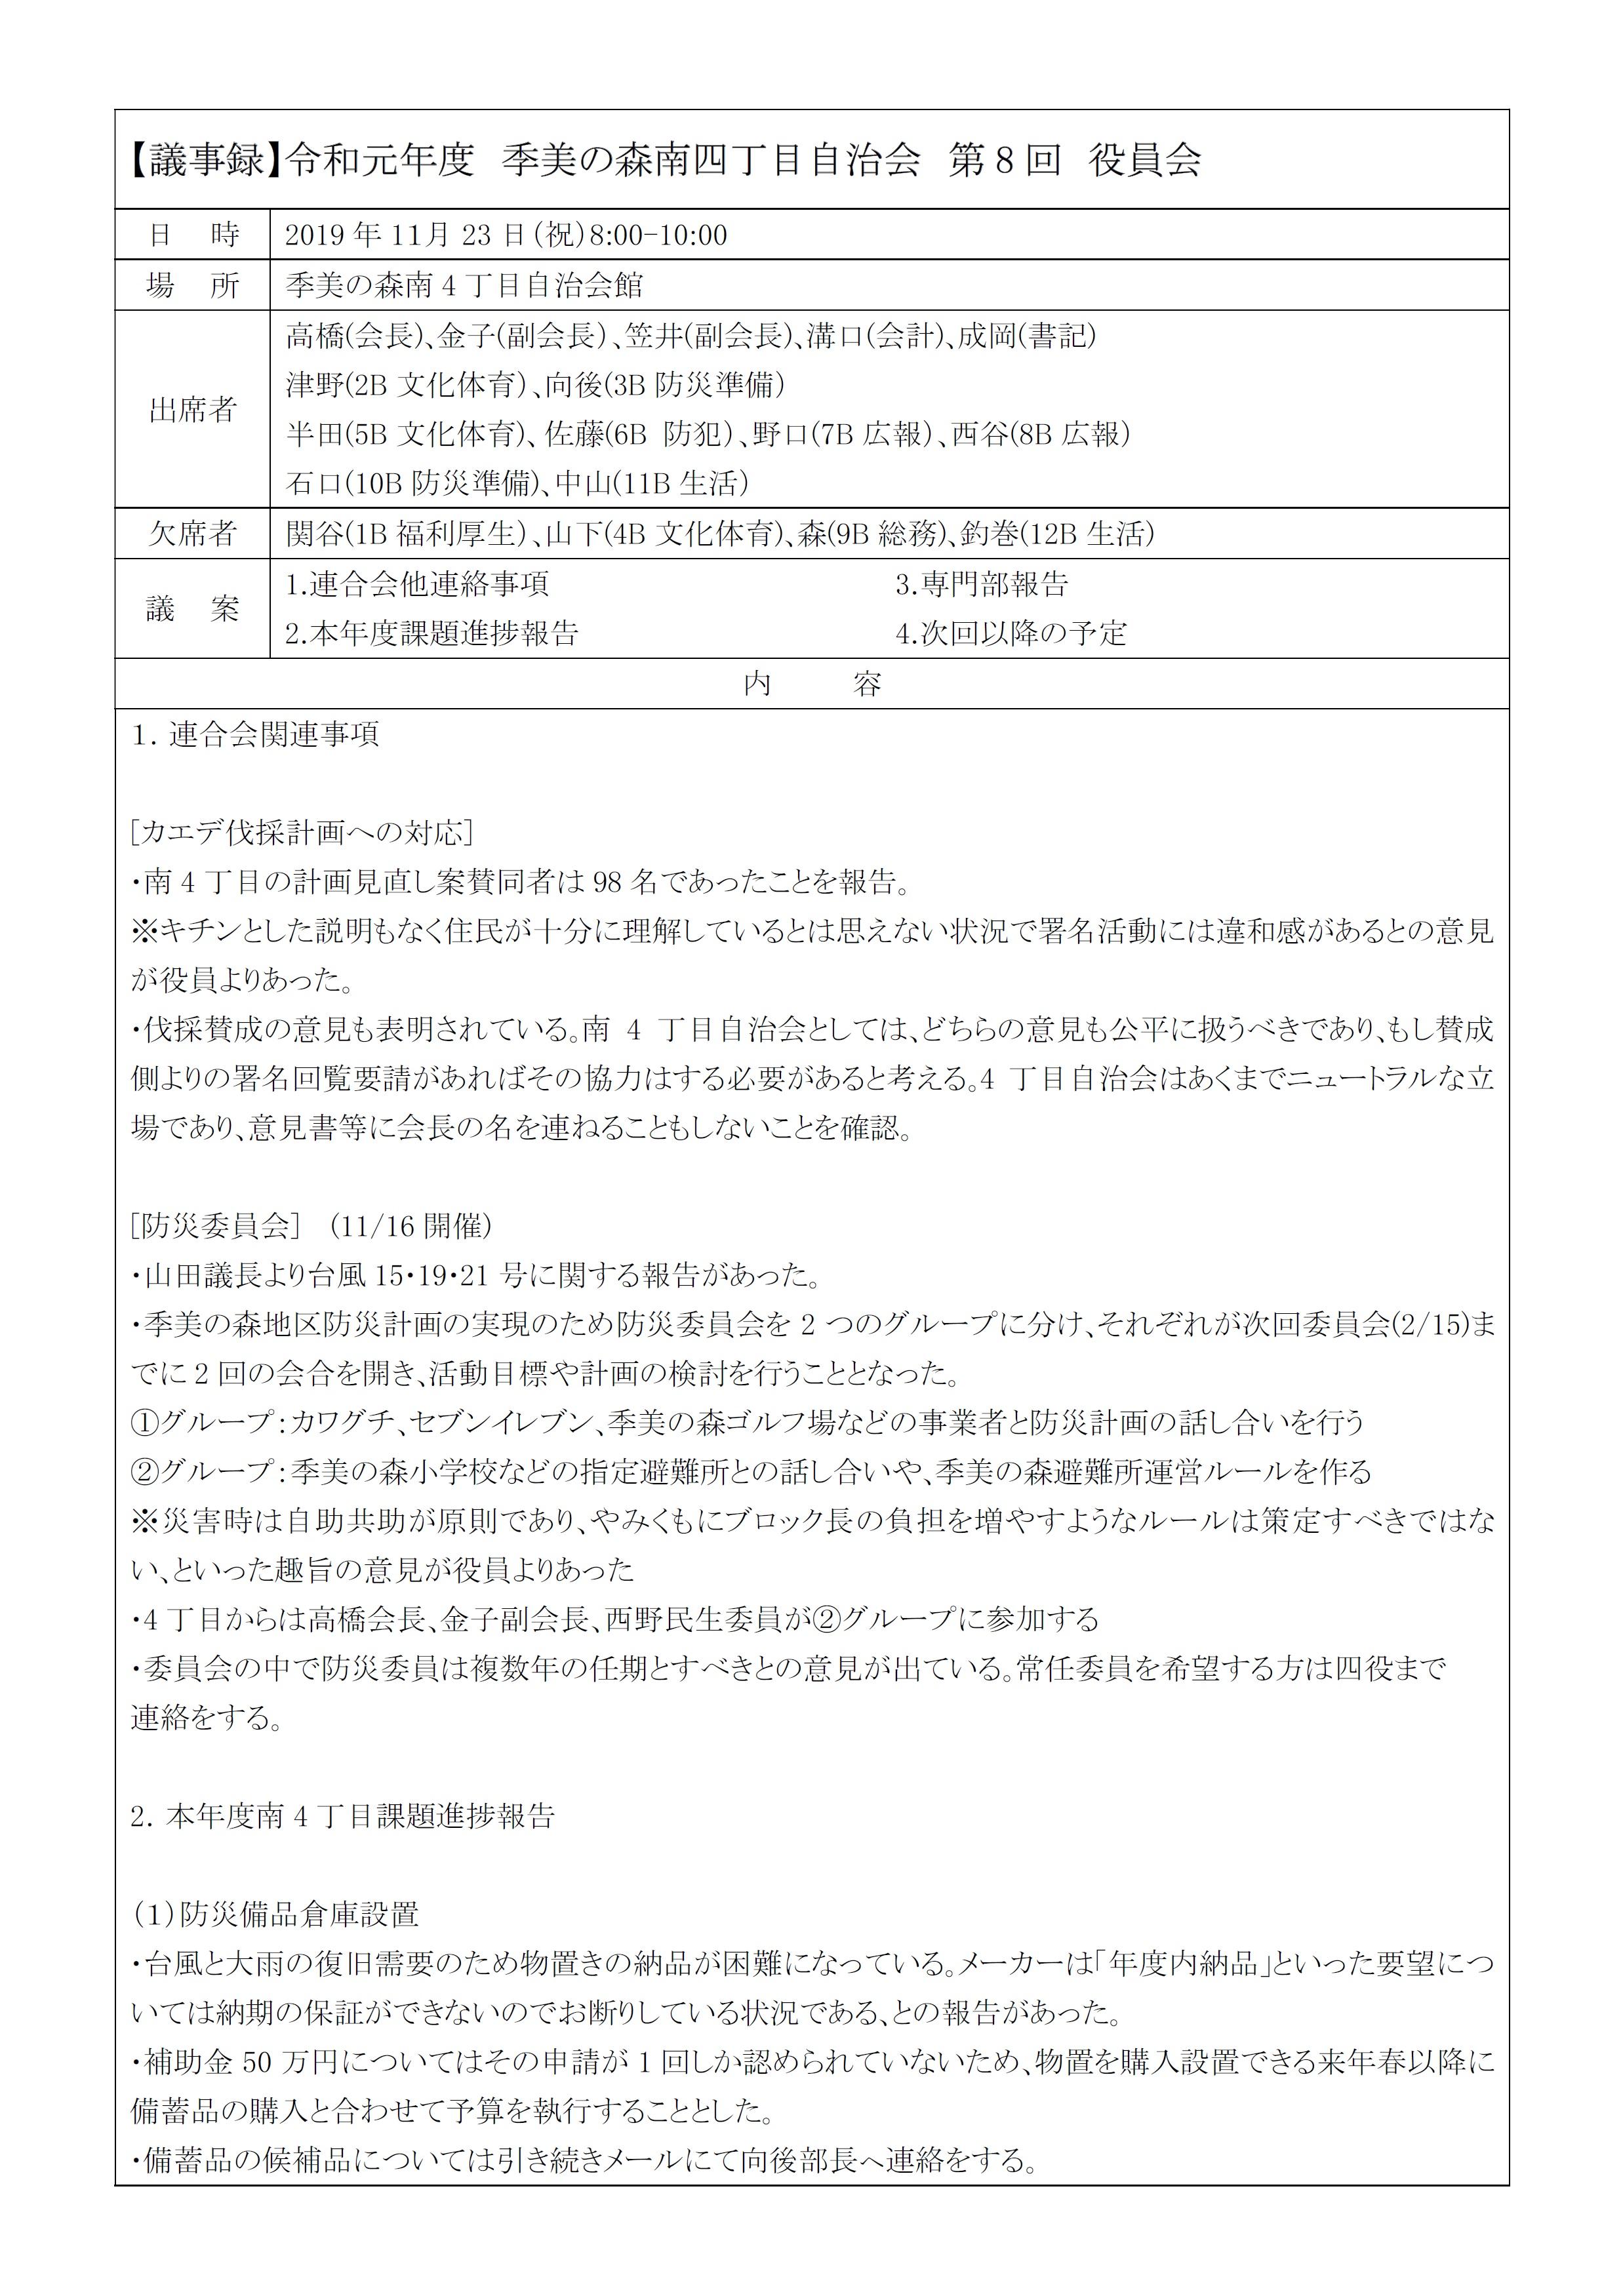 2019第8回役員会議事録P1